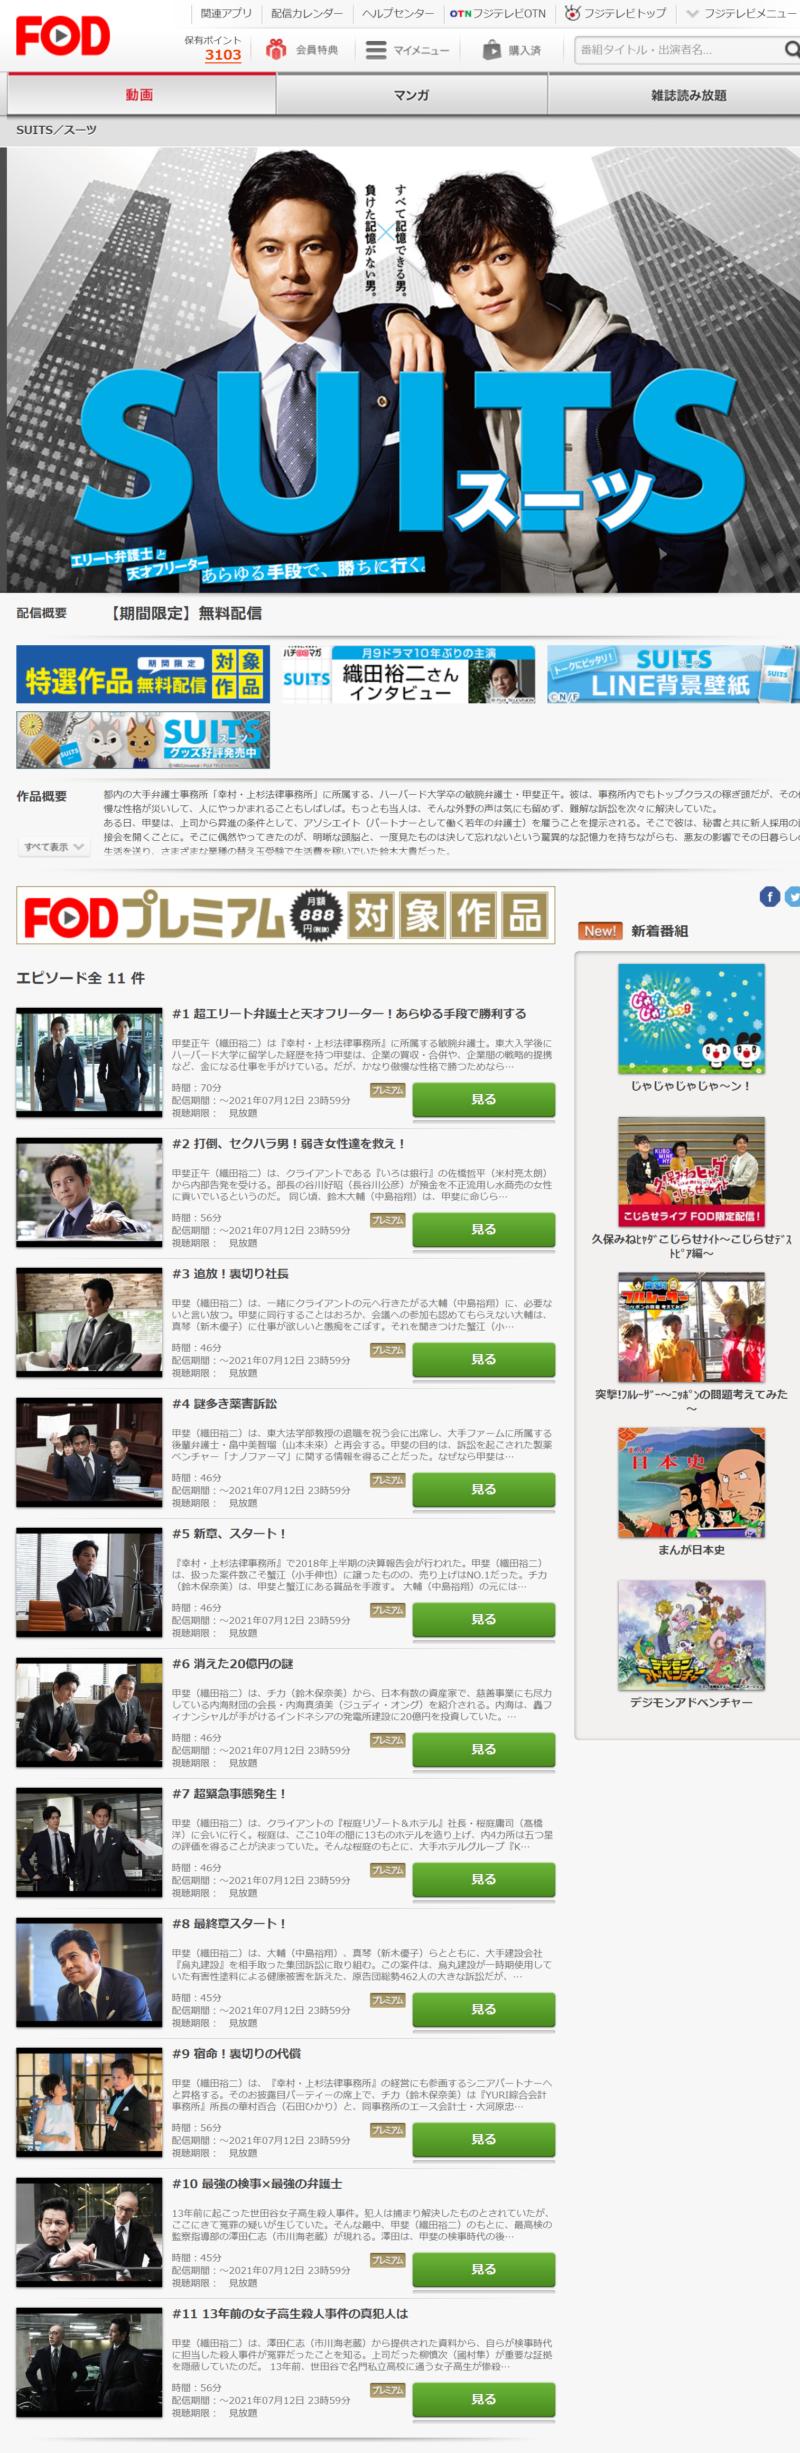 スーツ1の動画無料視聴方法